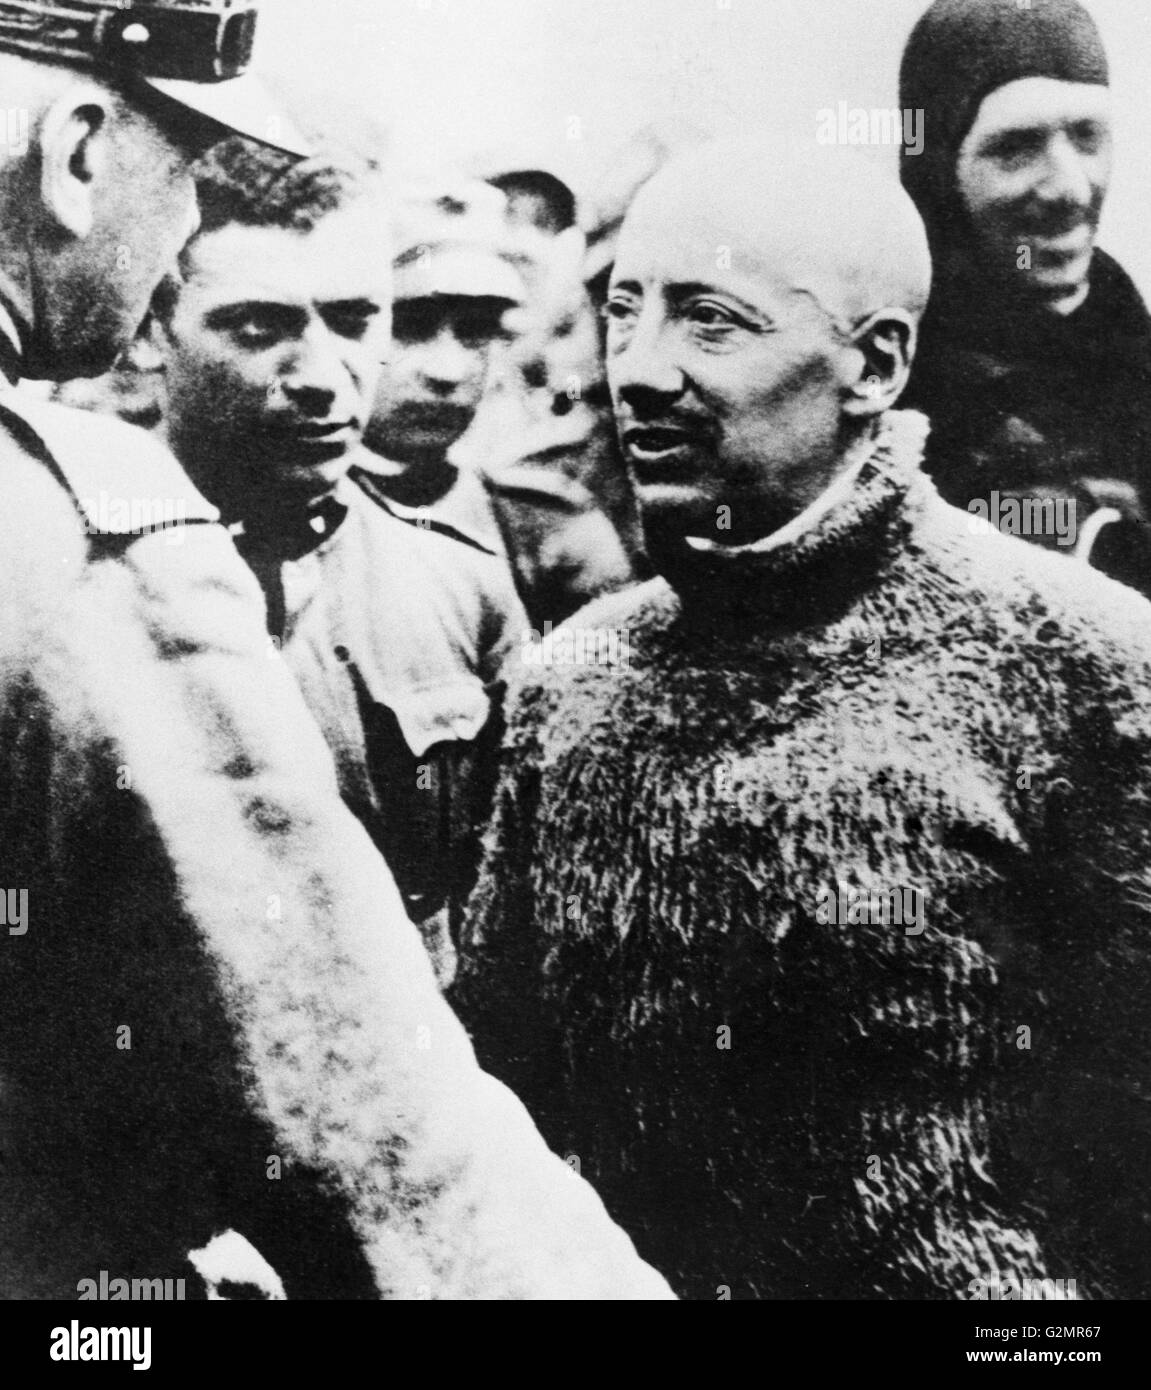 Gabriele D'Annunzio después del legendario vuelo sobre Viena,1918 Imagen De Stock